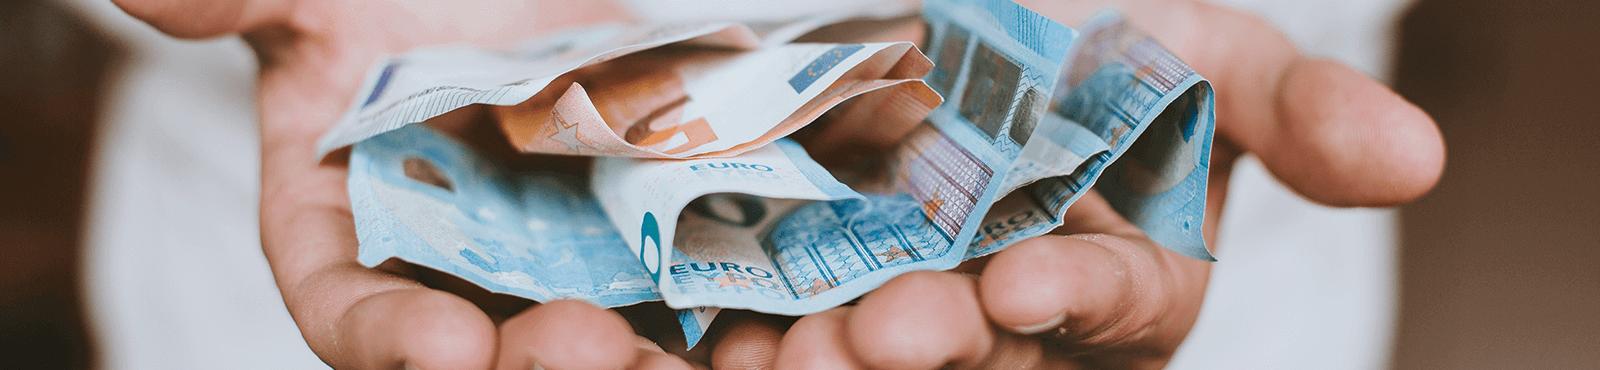 Durchbruch: GKV-Mindestbeitrag sinkt auf 188 Euro!